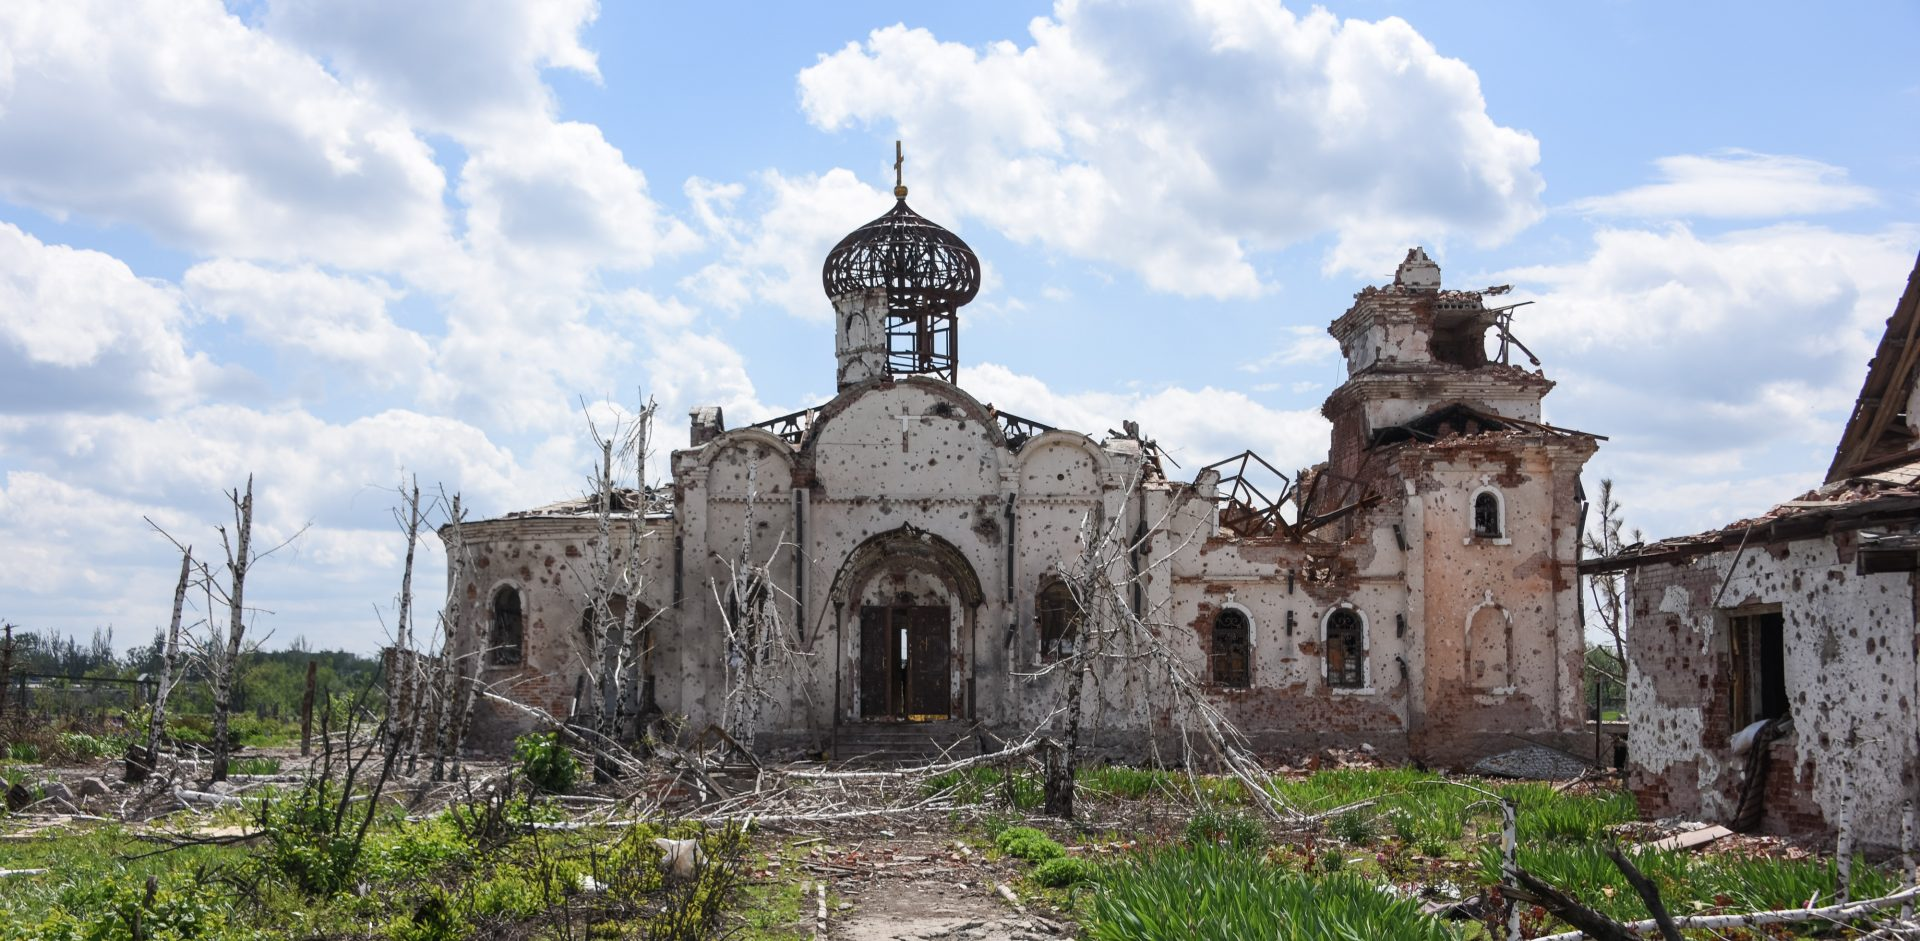 Ruiny kostela poblíž Doněcku po bitvě o Doněcké letiště, Ukrajina/Mčislav Černov via Wikimedia Commons